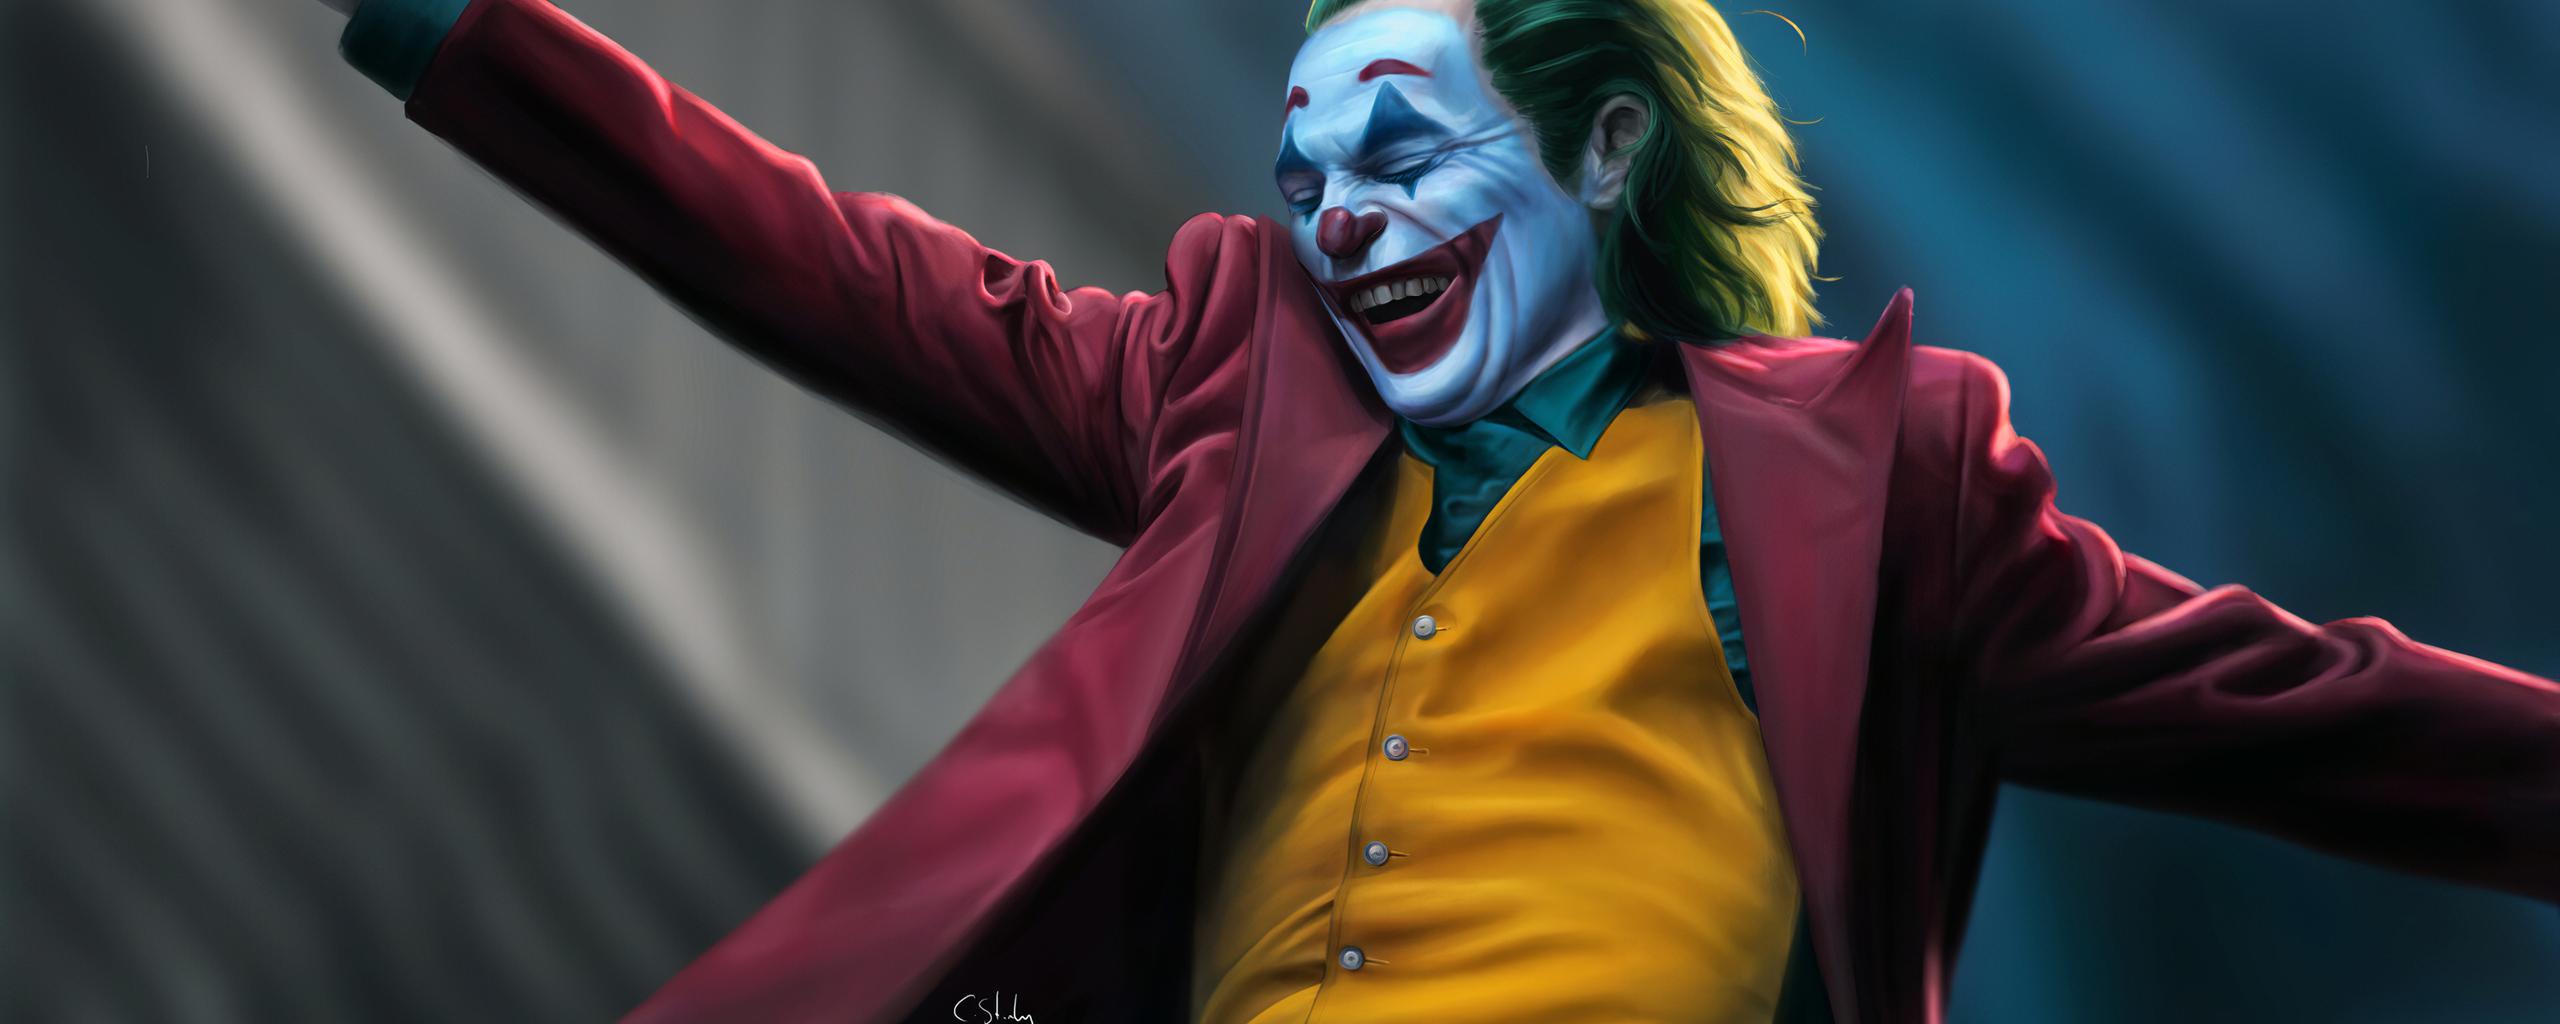 joker-4k-smile-b5.jpg